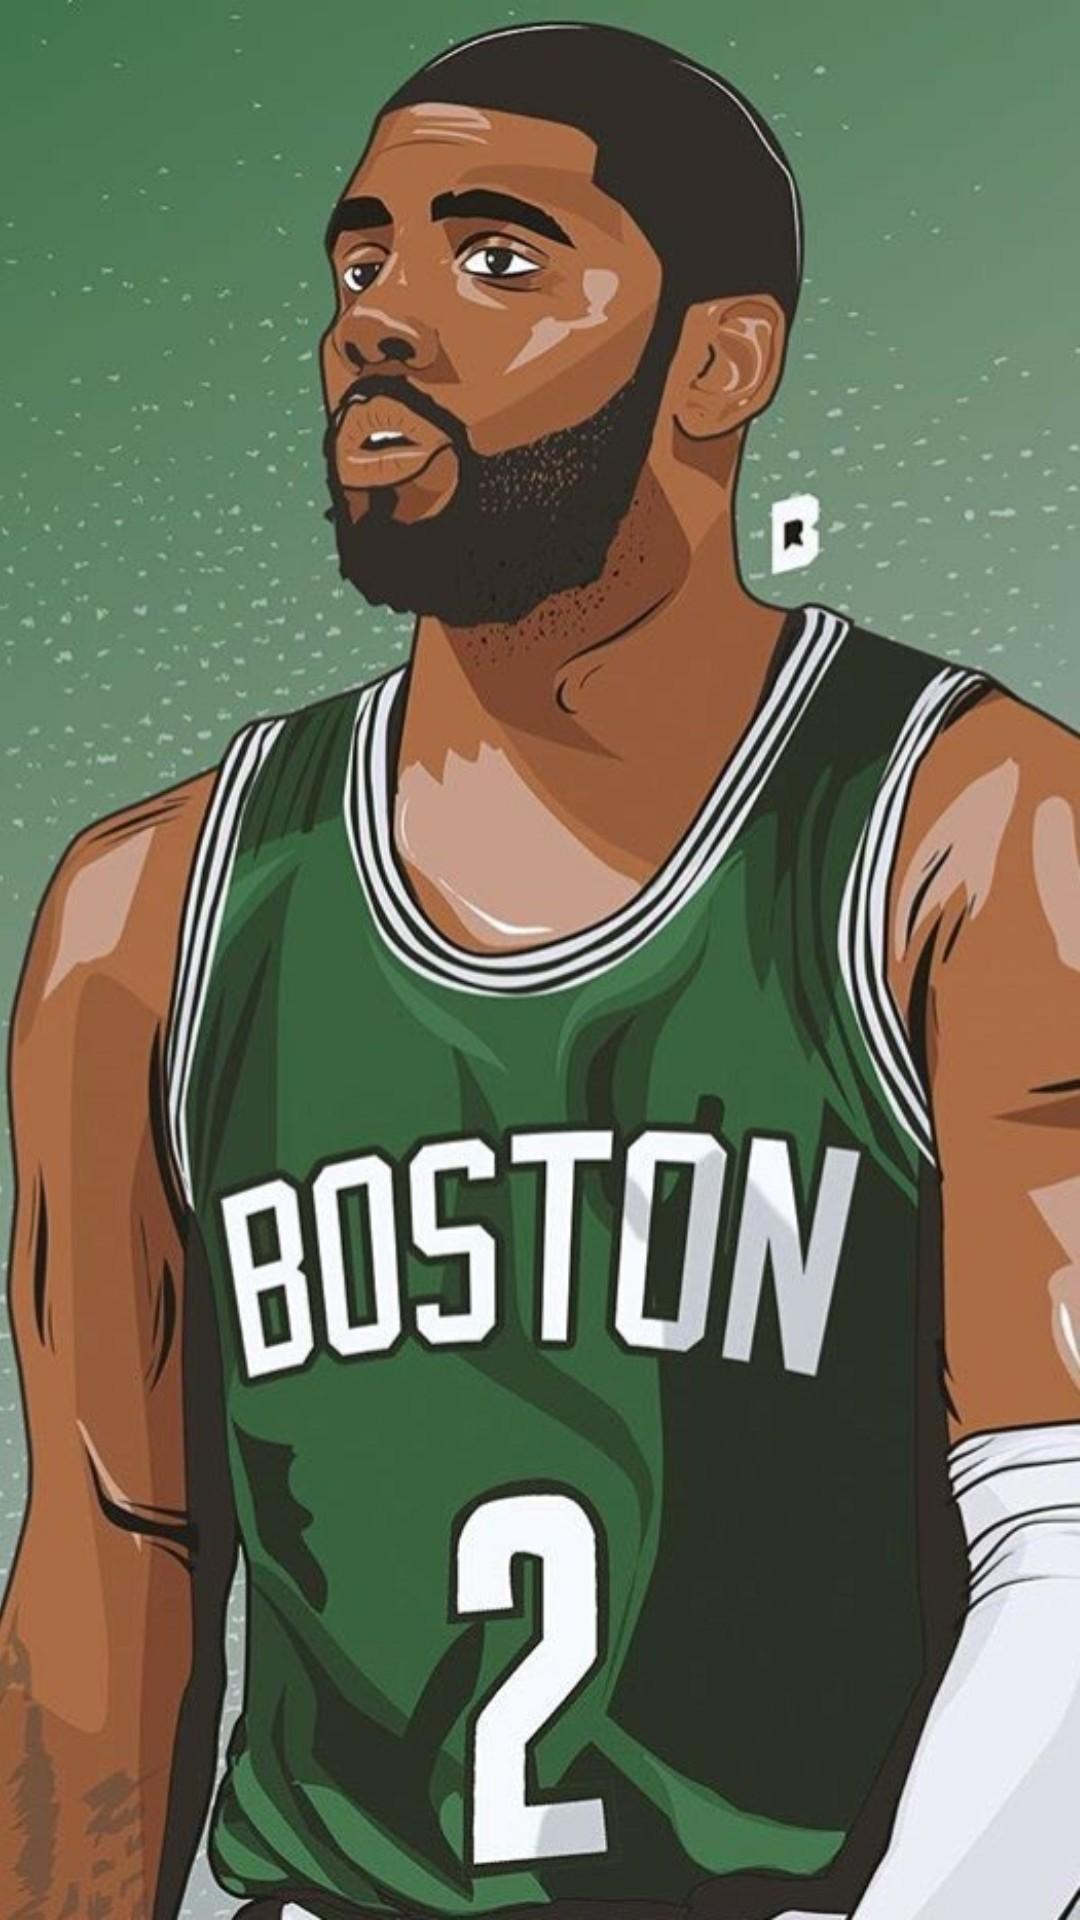 Derrick Rose Wallpaper Mvp NBA Basketball Wallpap...